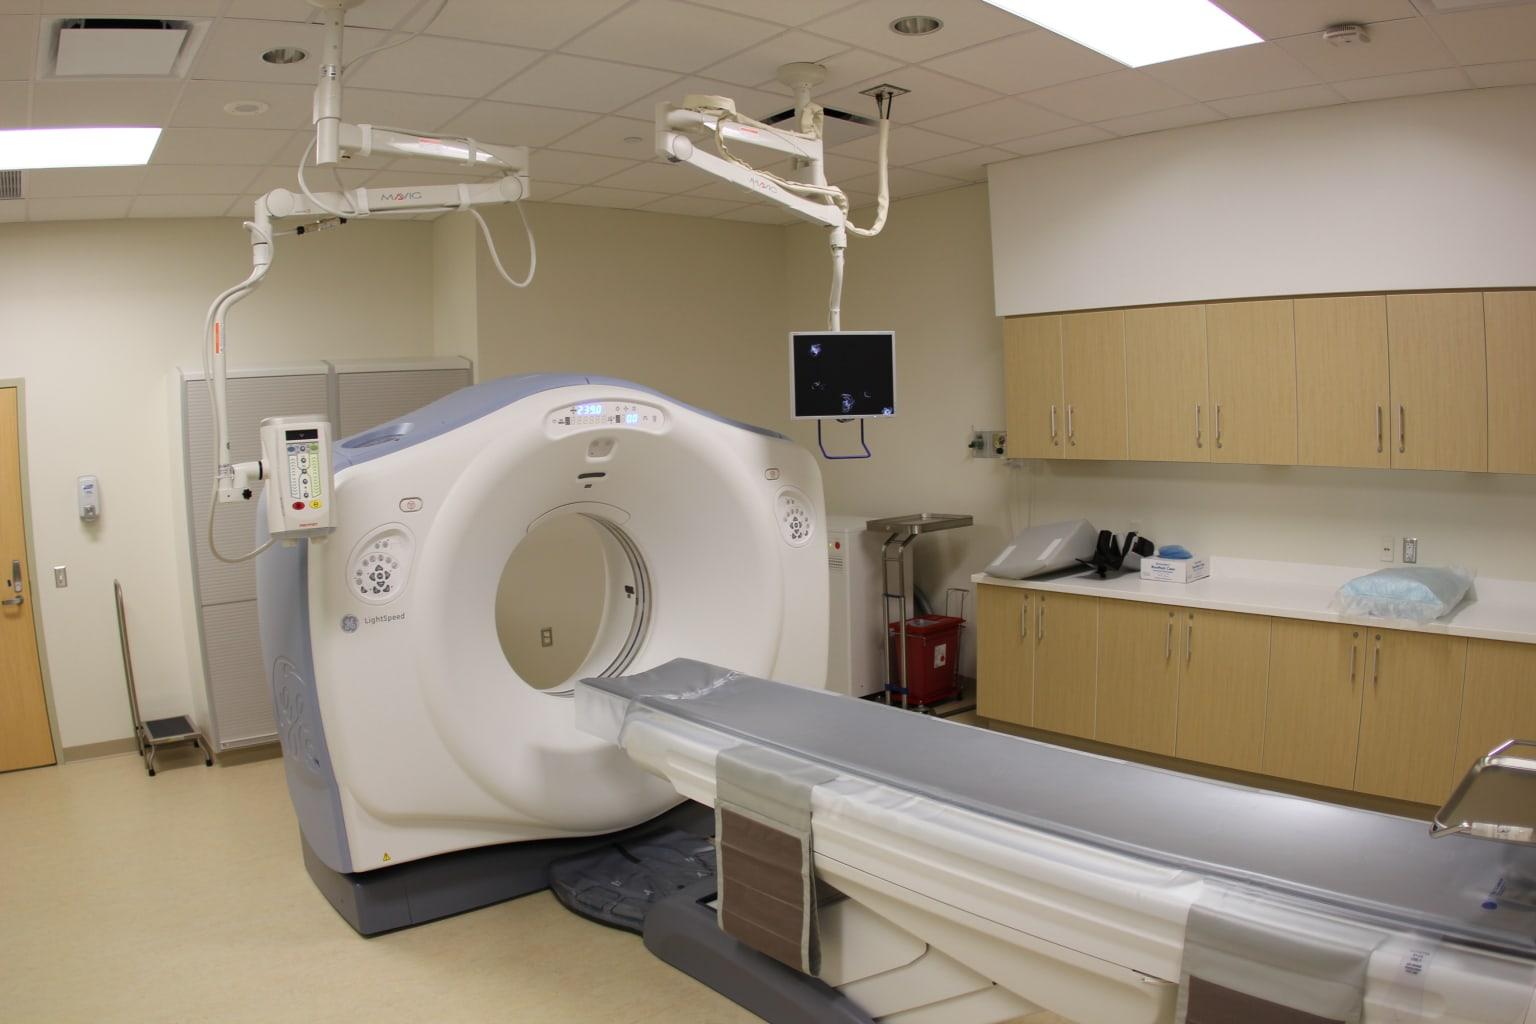 Современный компьютерный томограф для послойного исследования внутренних органов человека с использованием рентгеновского излучения.